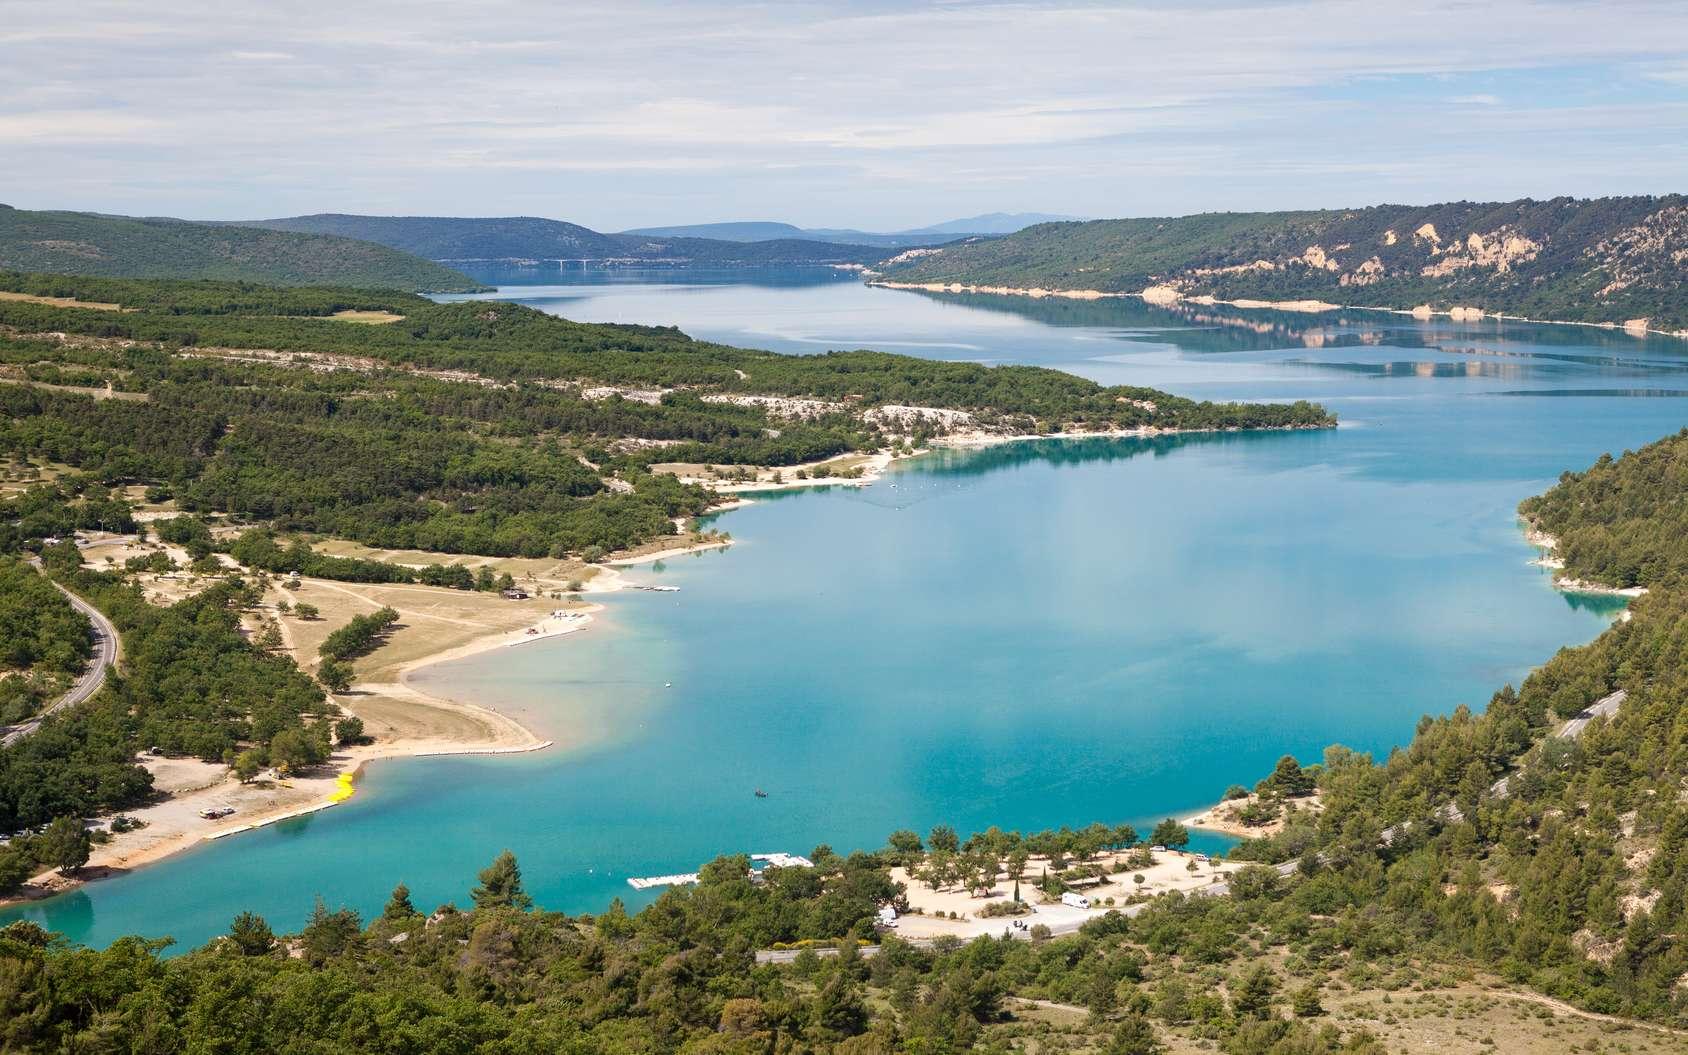 L'eau douce disponible pour les activités humaines représente moins de 1 % de l'eau terrestre. En photo : le lac de Sainte-Croix. © PixelShop, fotolia